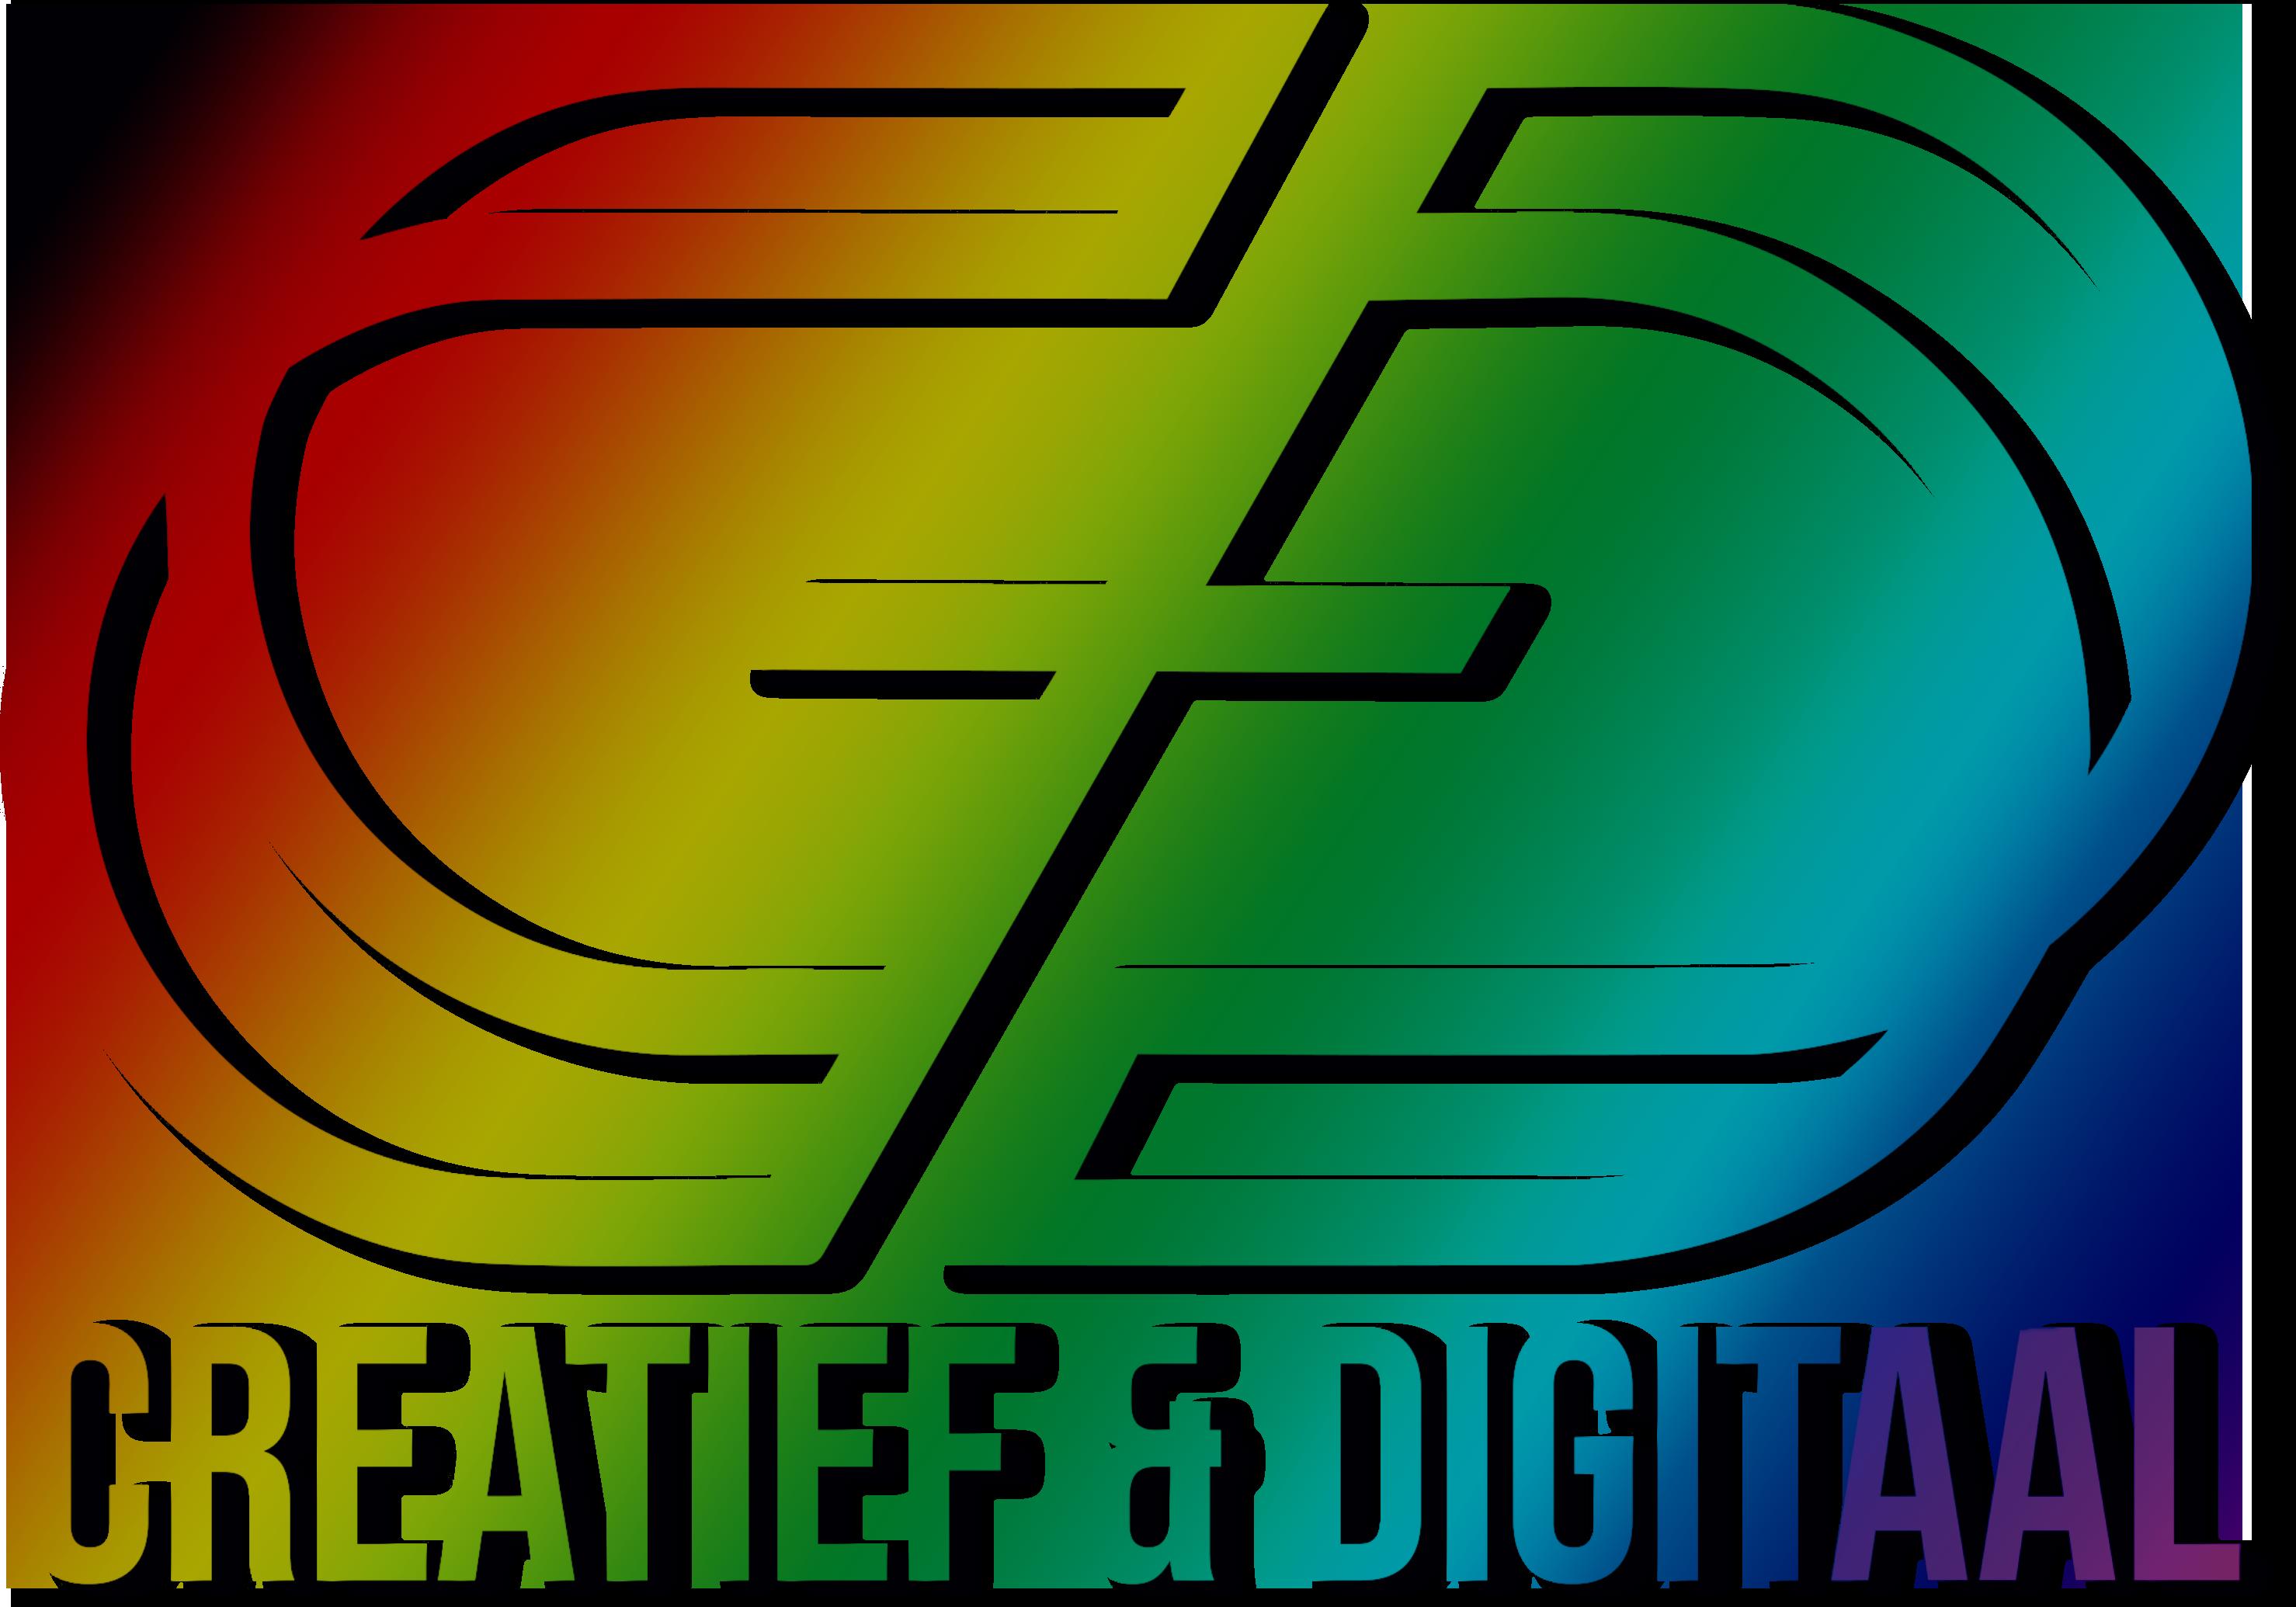 Creatief en Digitaal